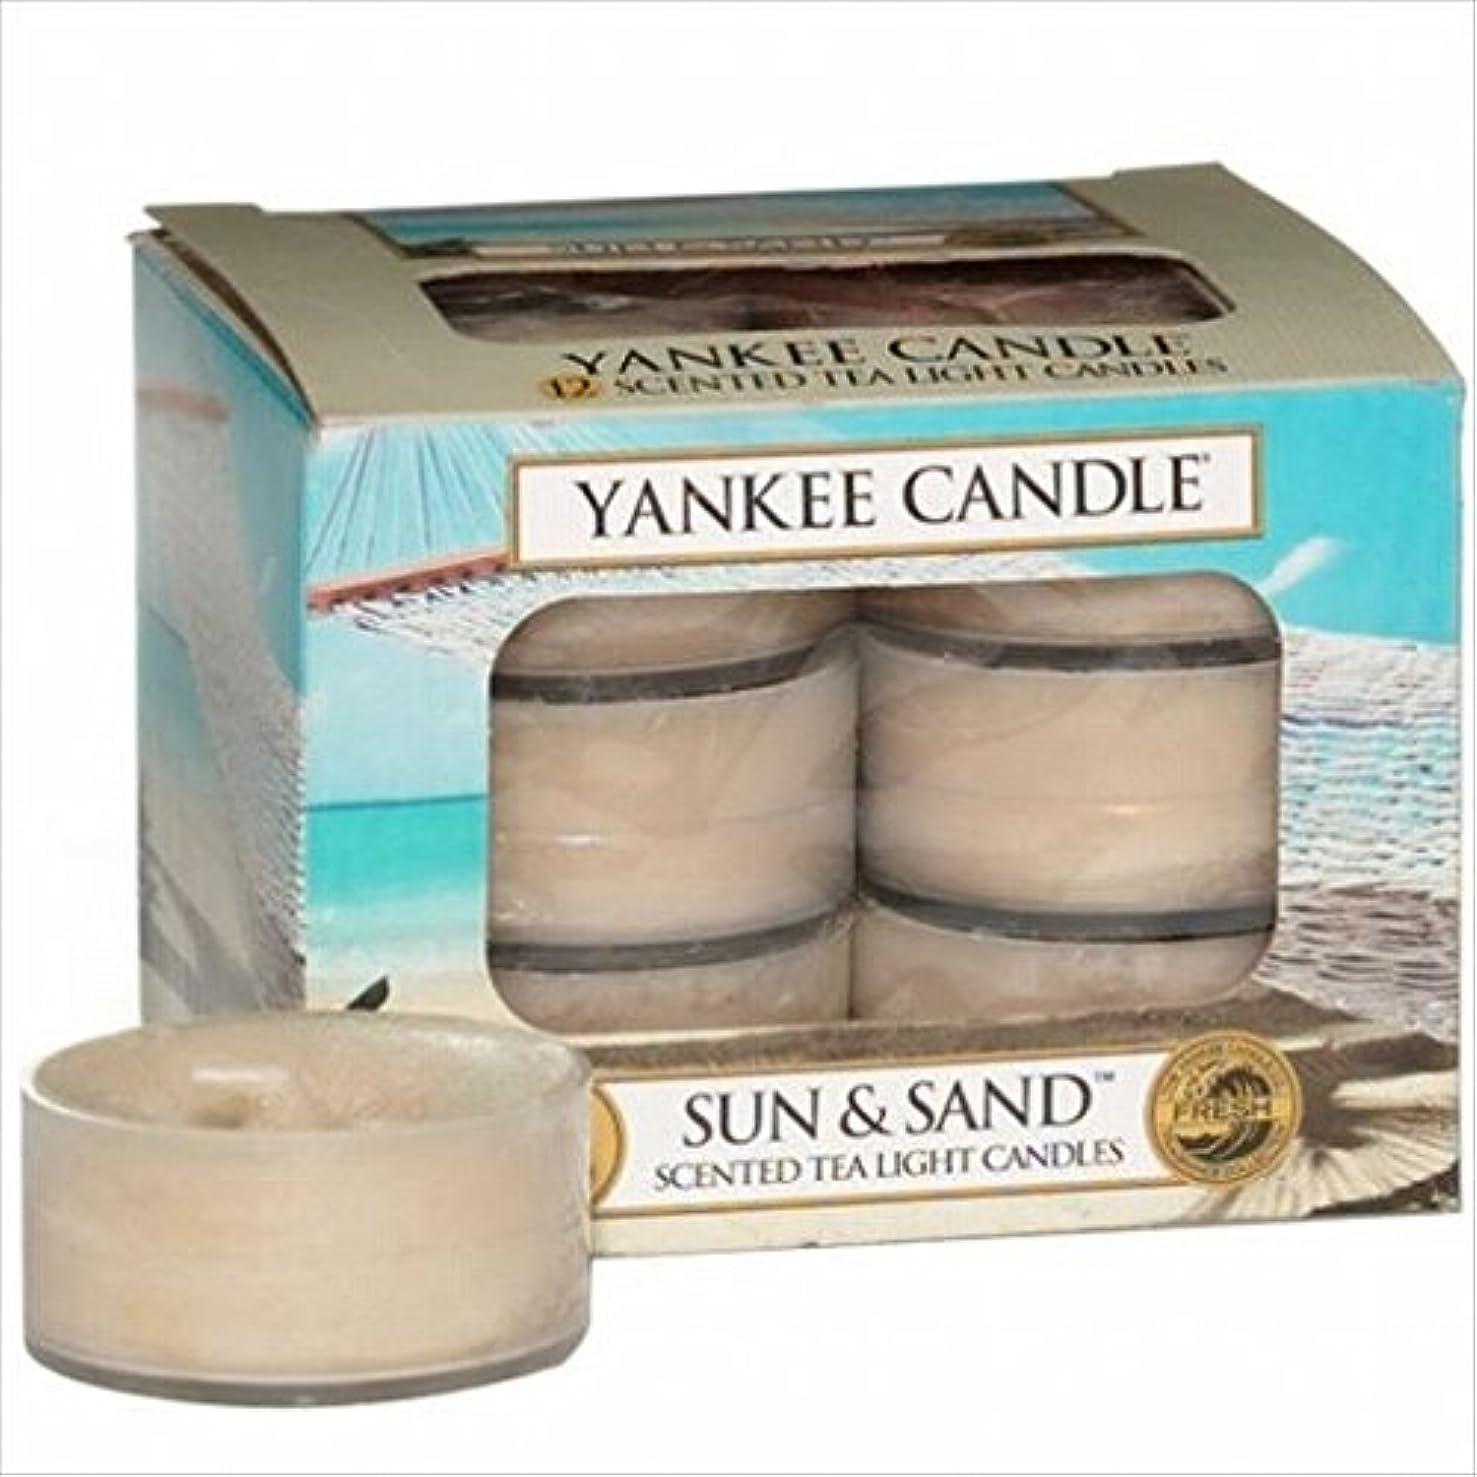 しなければならない洗練された投げ捨てるヤンキーキャンドル( YANKEE CANDLE ) YANKEE CANDLE クリアカップティーライト12個入り 「 サン&サンド 」